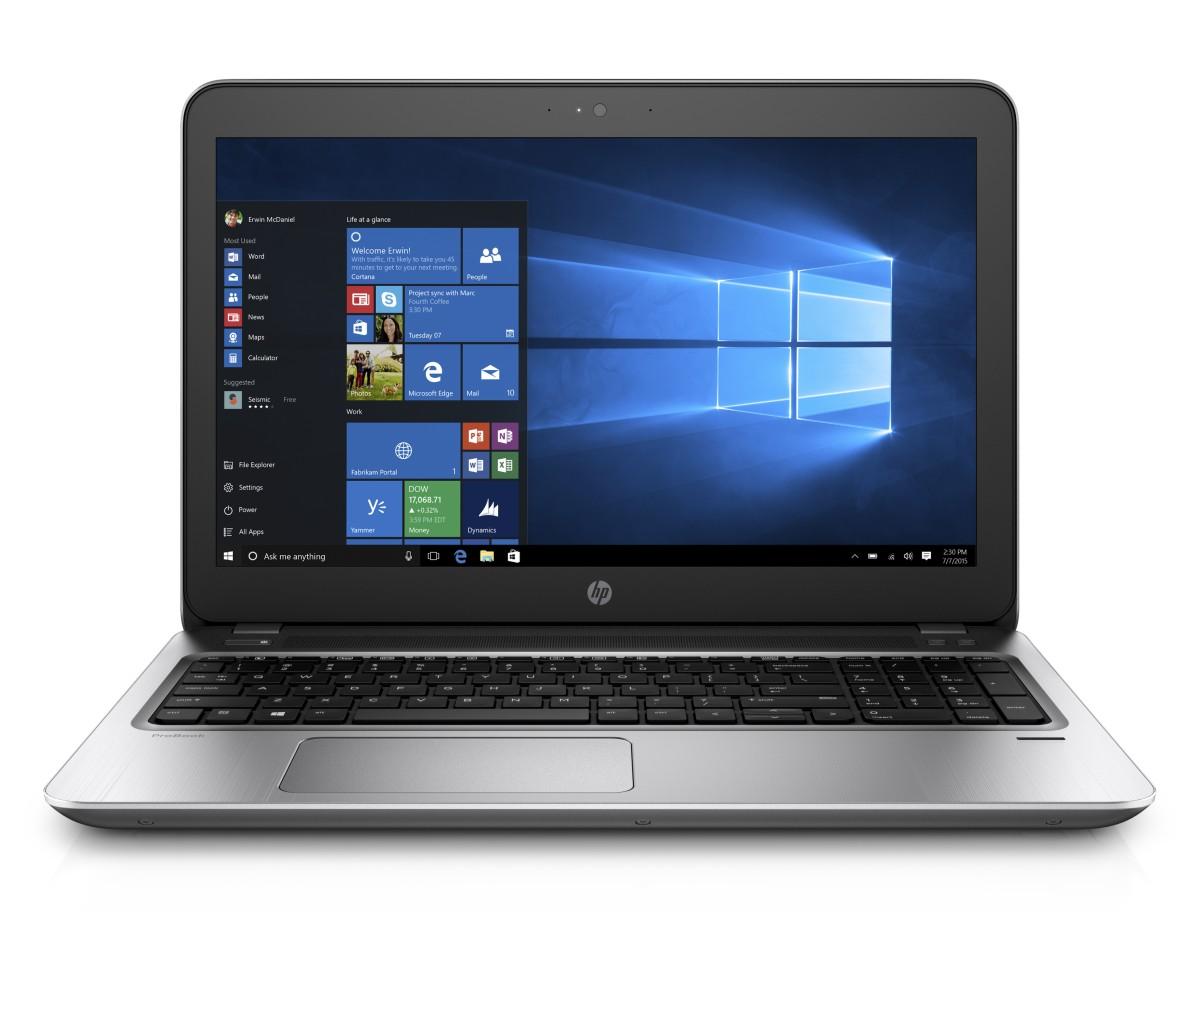 HP ProBook 455 G4 FHD/A10-9600P/4G/500/DVD/W10P